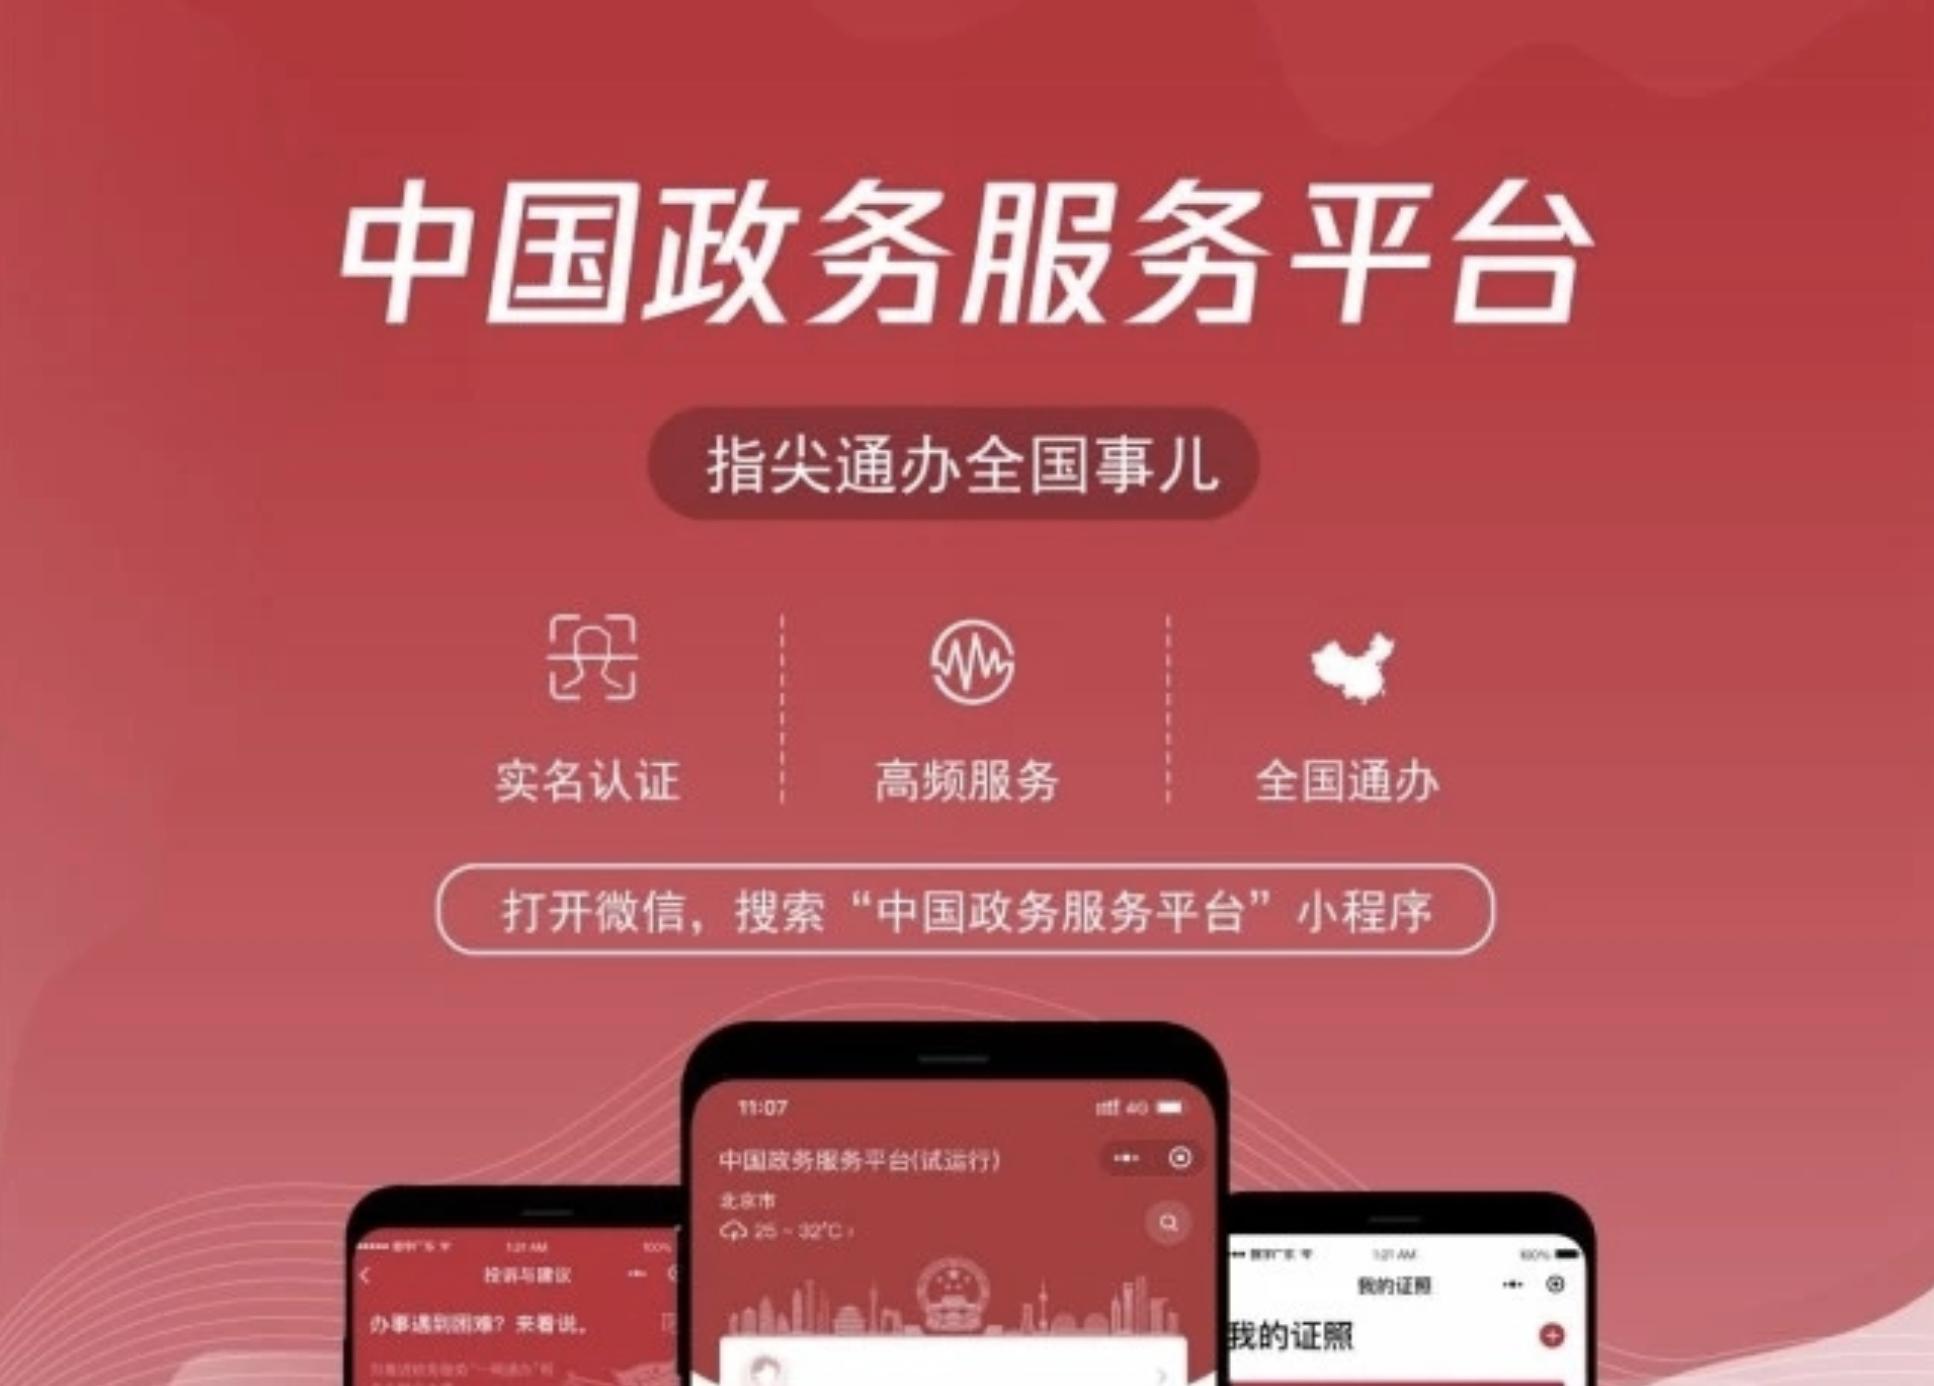 中国政务服务平台微信小程序上线试运行 开启全国政务服务掌上办